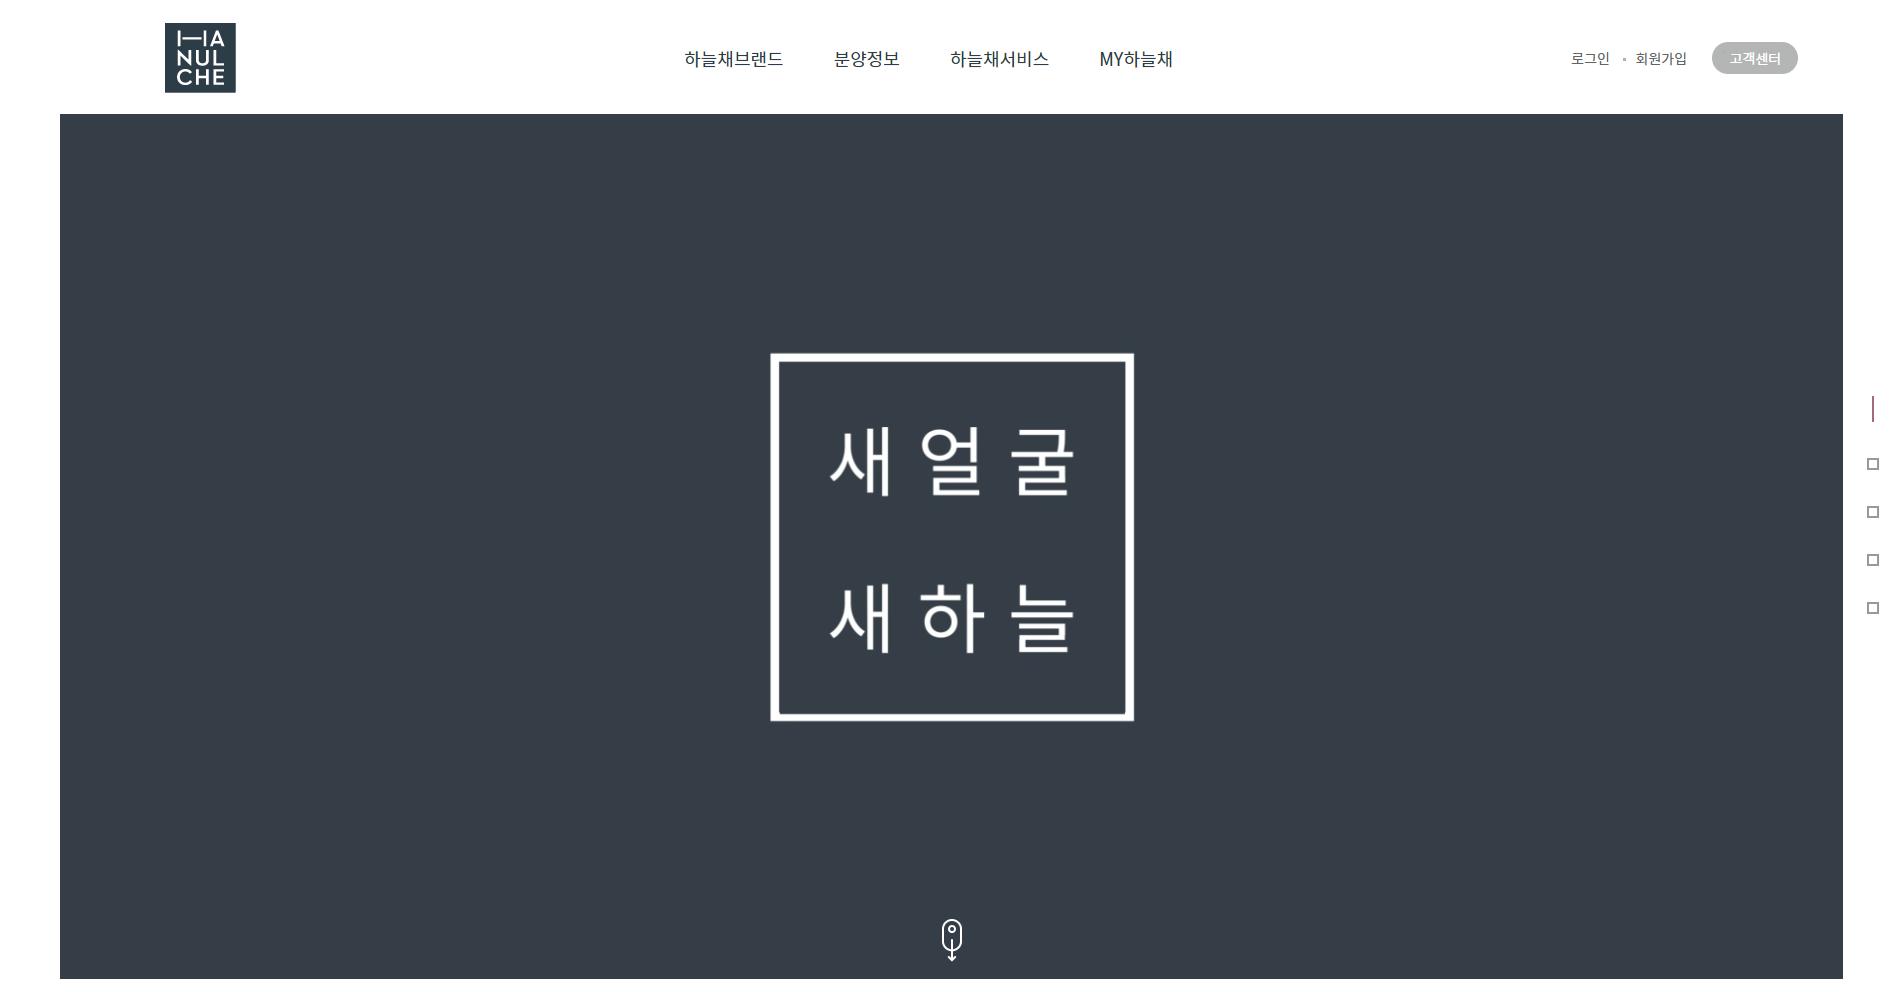 [우수 홈페이지 분석]  코오롱하늘채